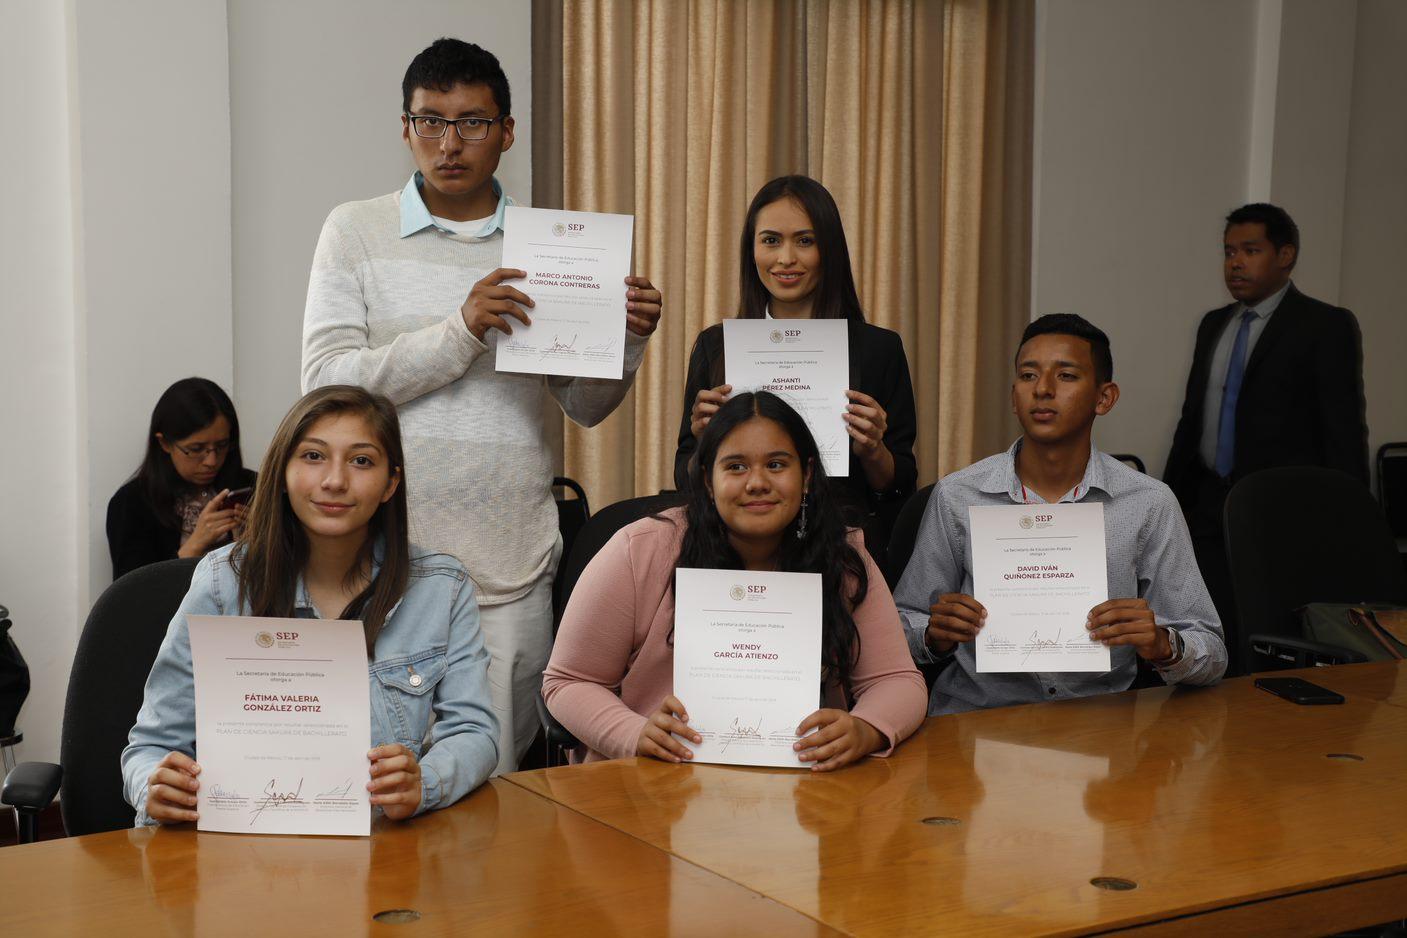 Boletín no. 55 Participarán estudiantes y docentes mexicanos de educación media superior en programa de ciencias en Japón